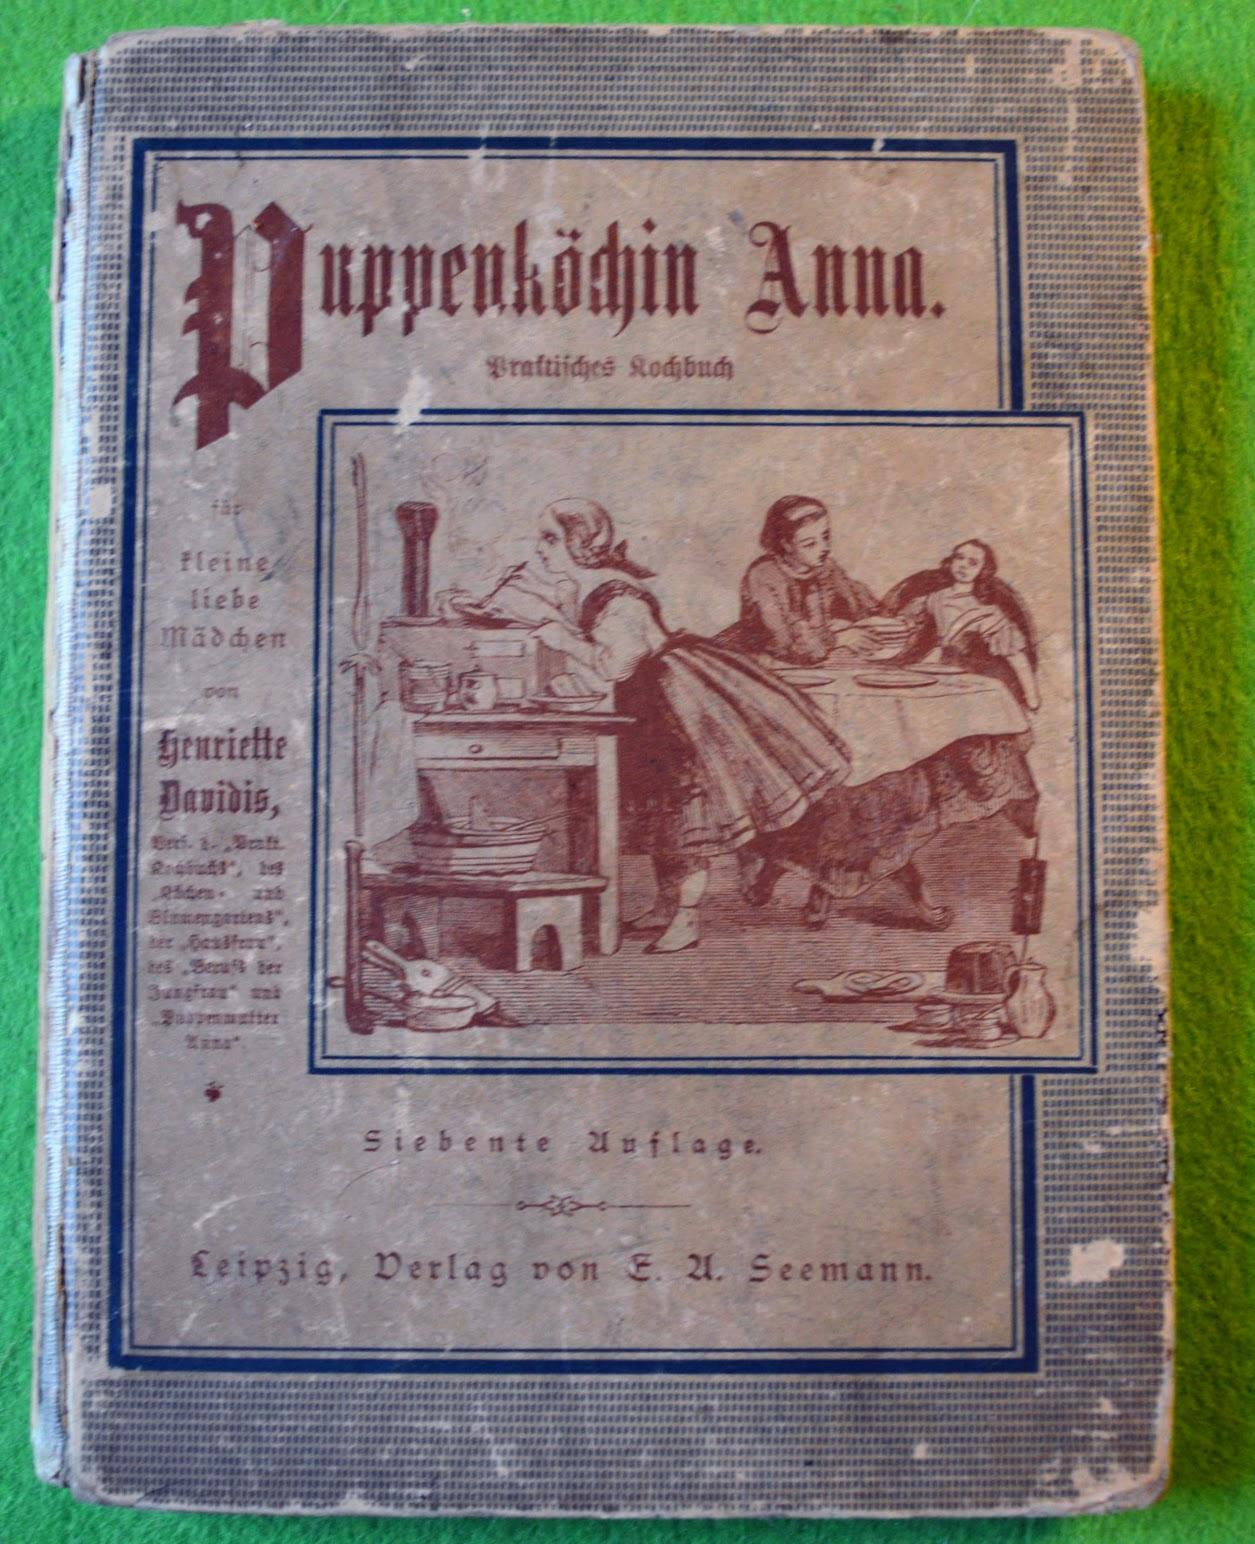 Henriette Davidis - Puppenköchin Anna - 1886 - Puppen-Kochbuch